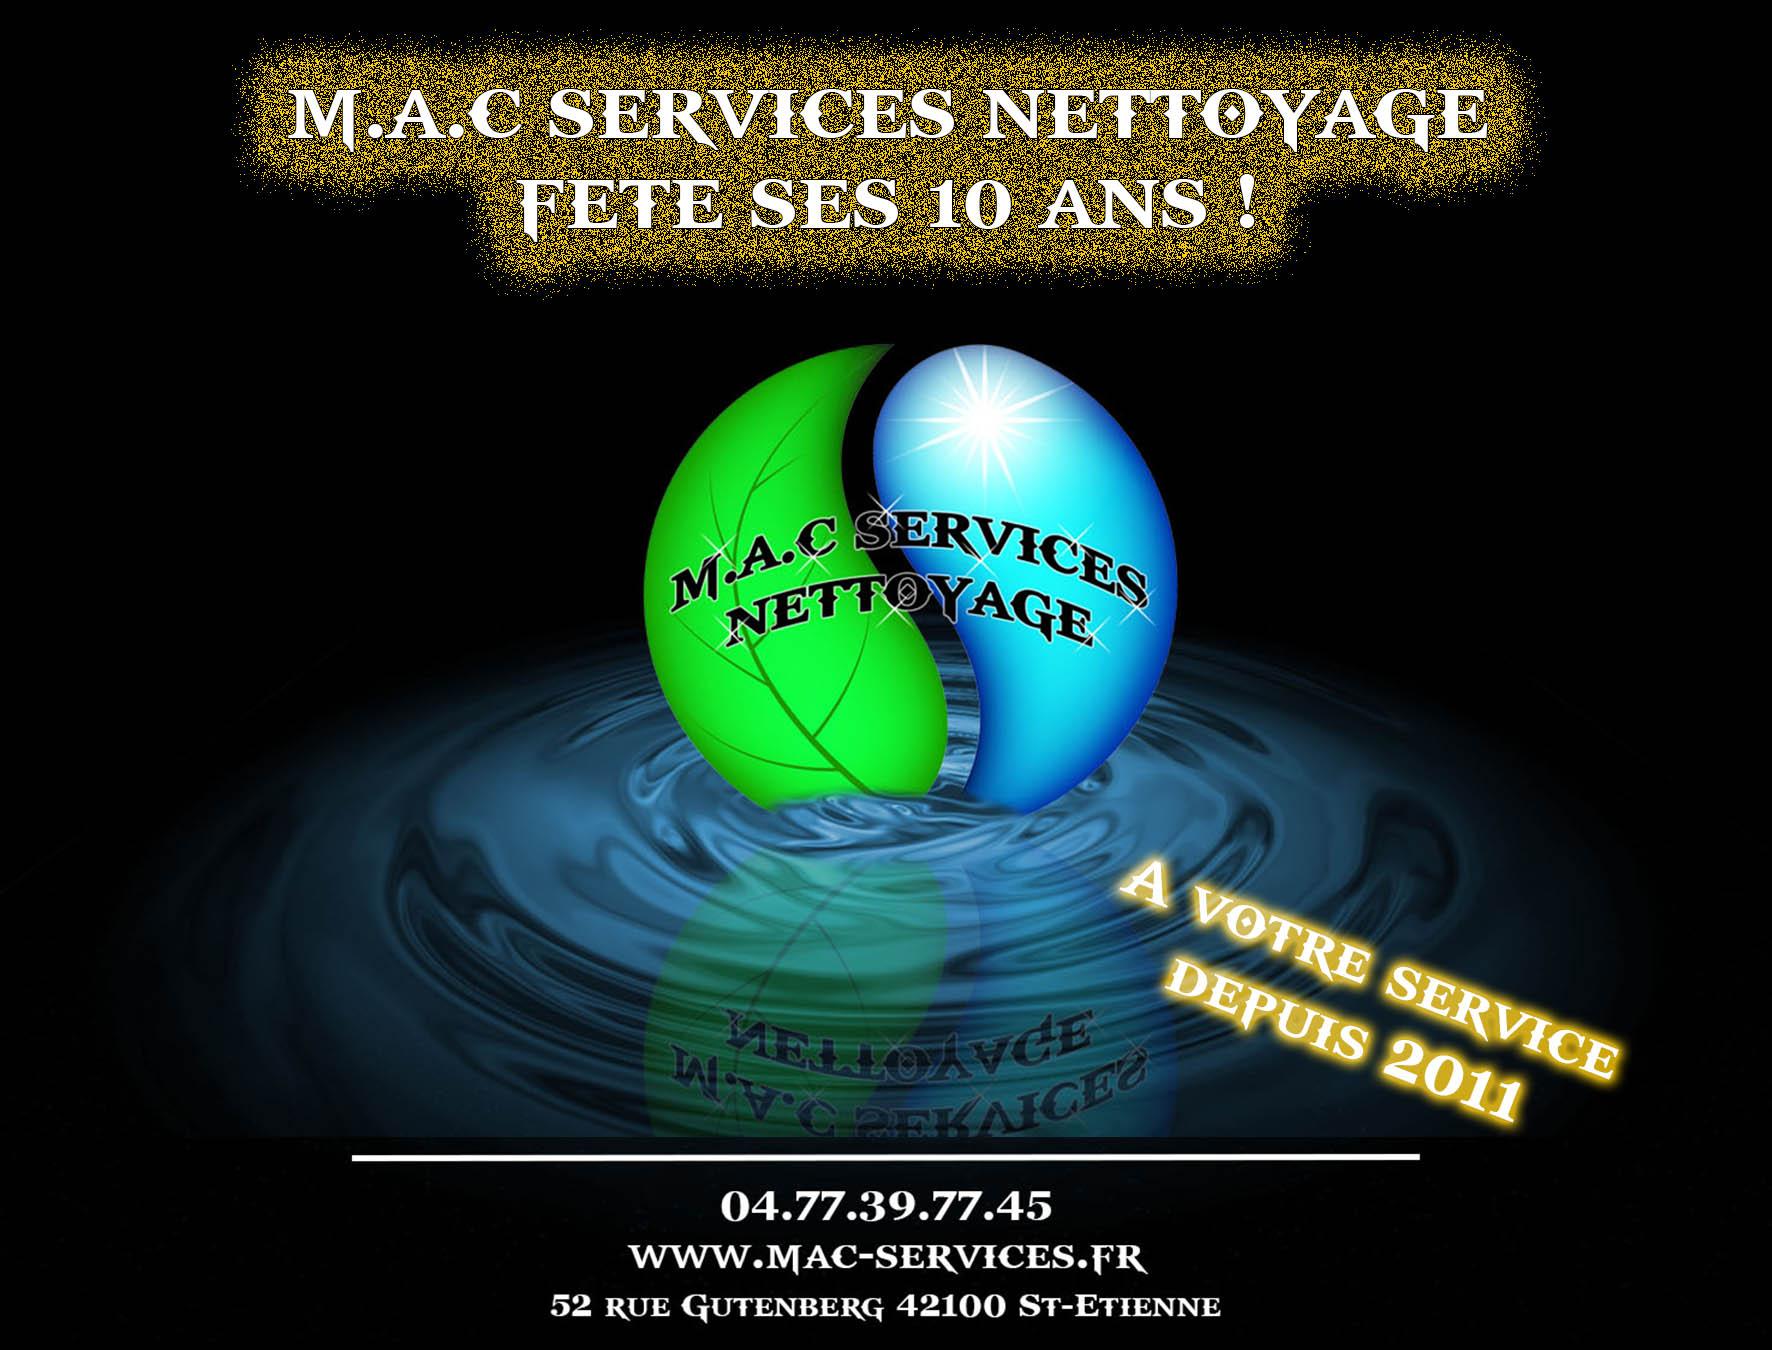 M.A.C SERVICES NETTOYAGE fête ses 10 ans !